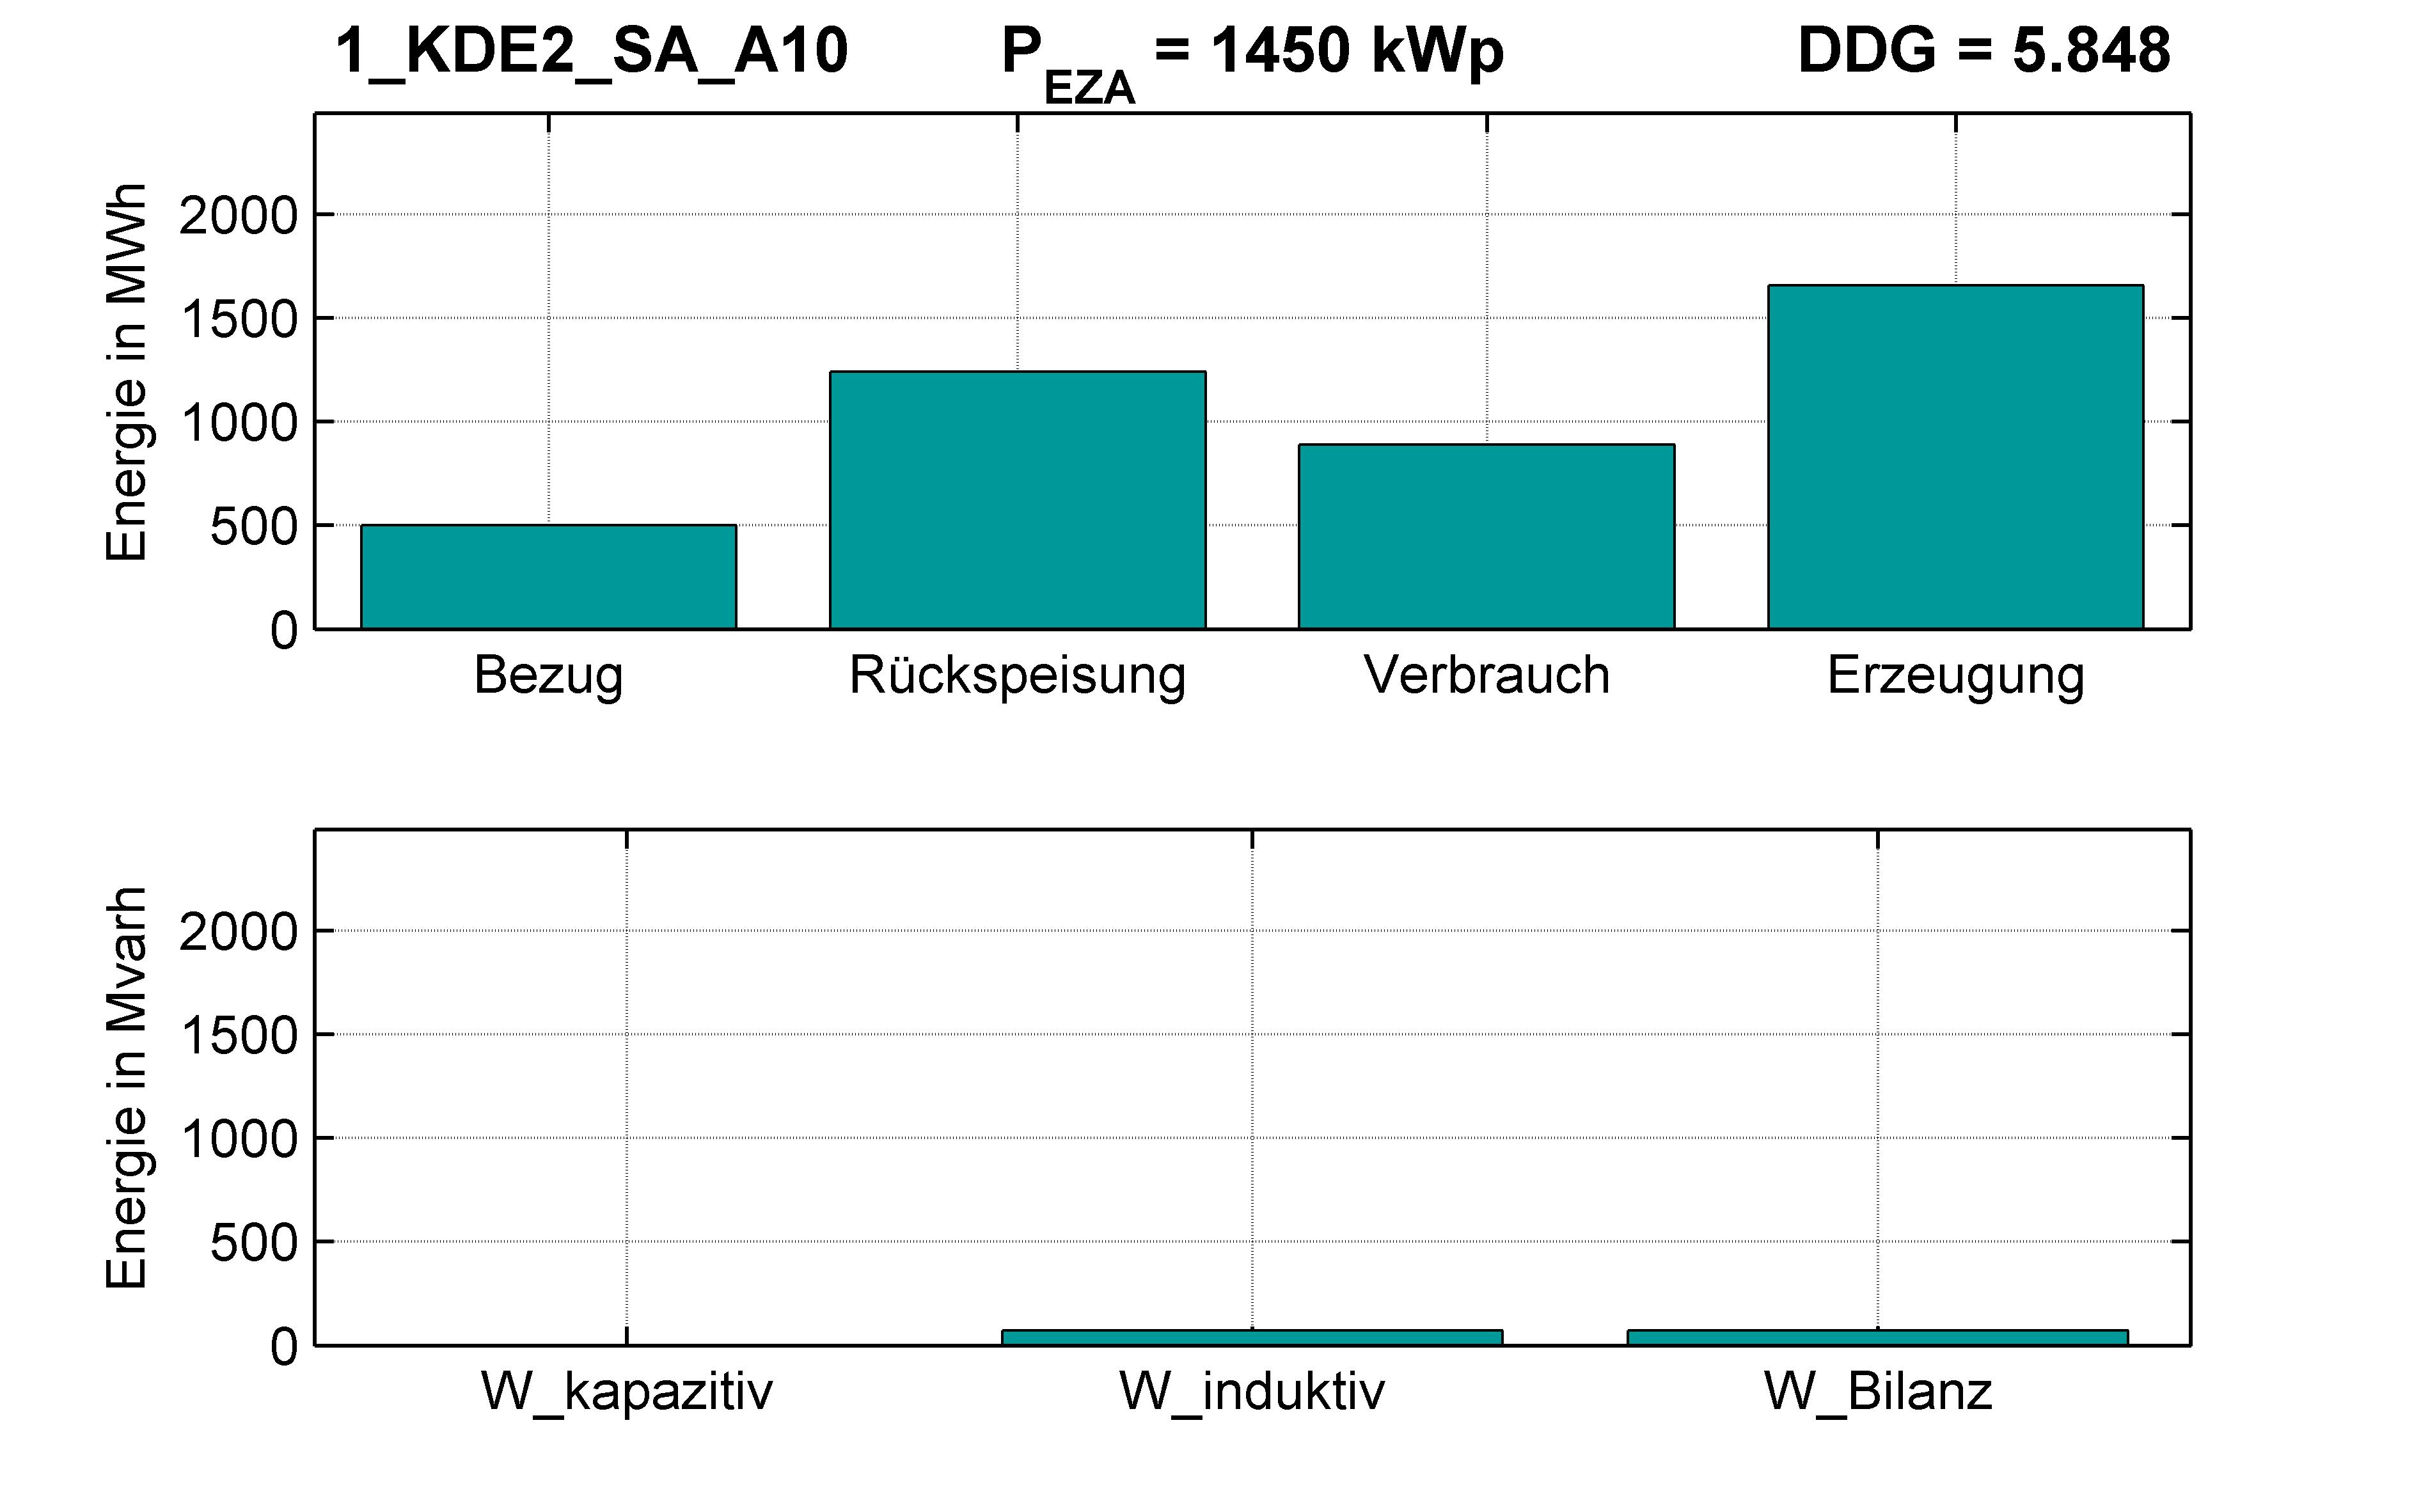 KDE2 | KABEL (SA) A10 | PQ-Bilanz